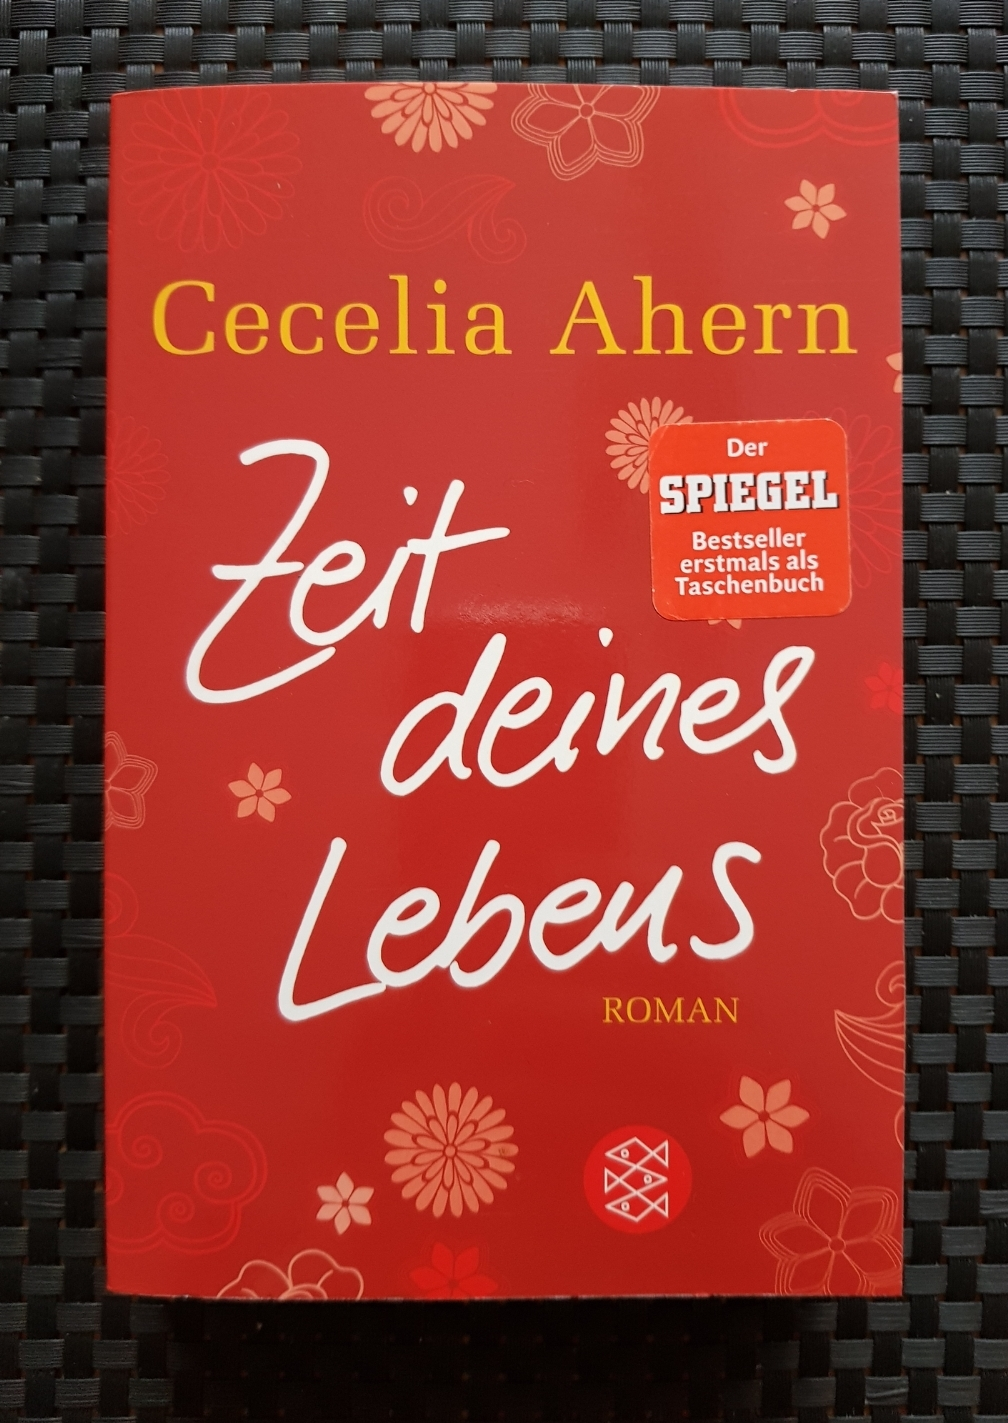 Cecilia Ahern Zeit deines Lebens tauschen